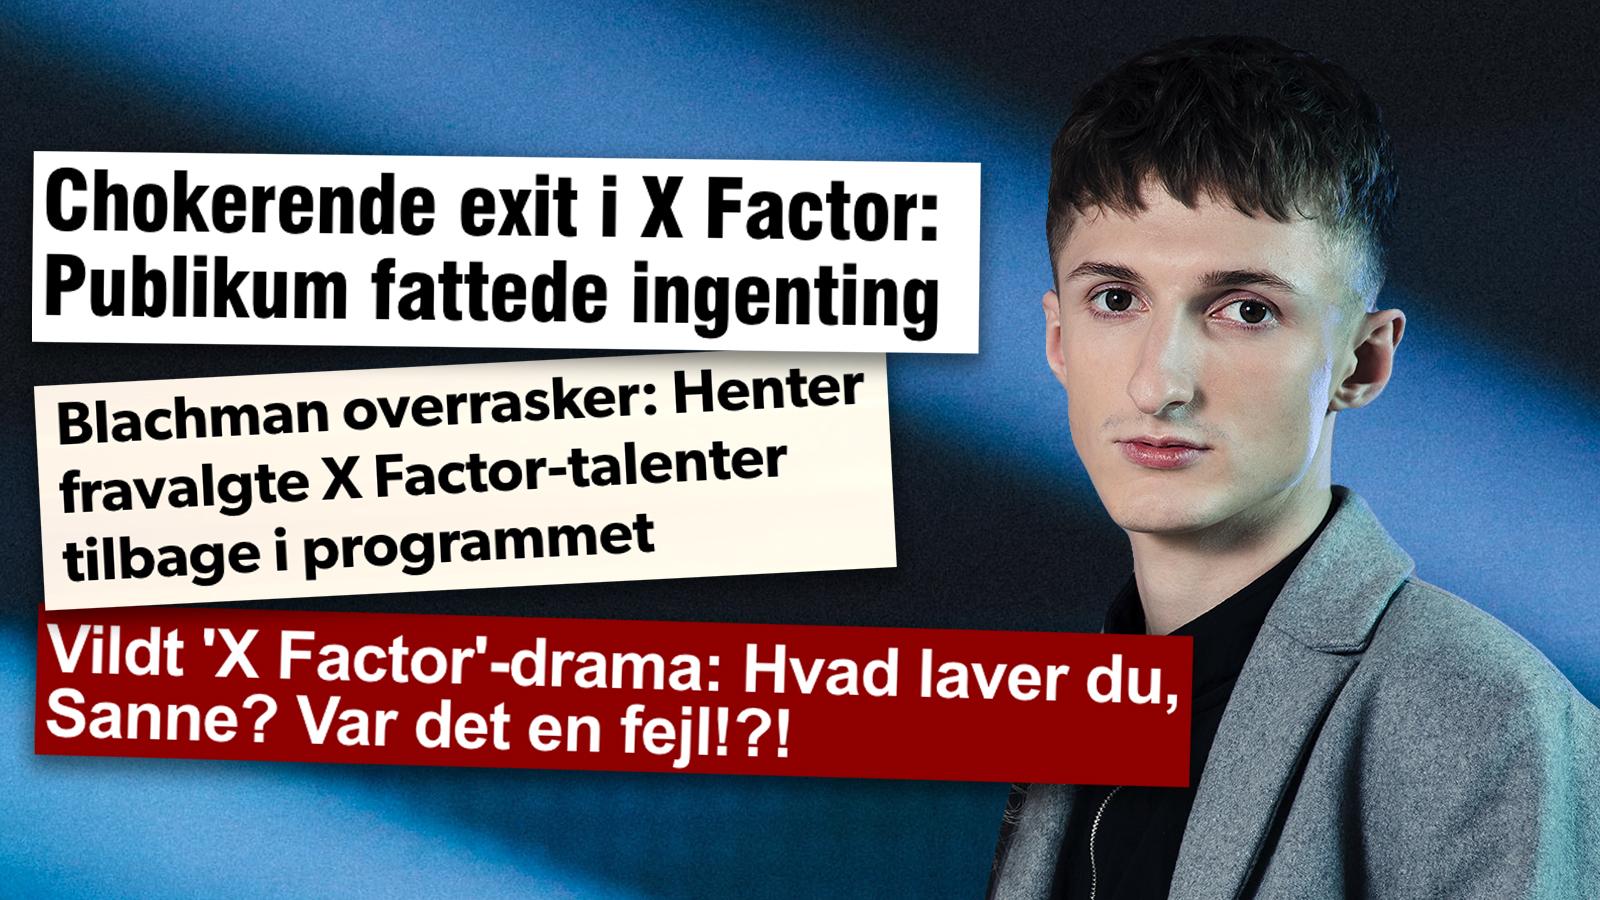 Andreas i X Factor